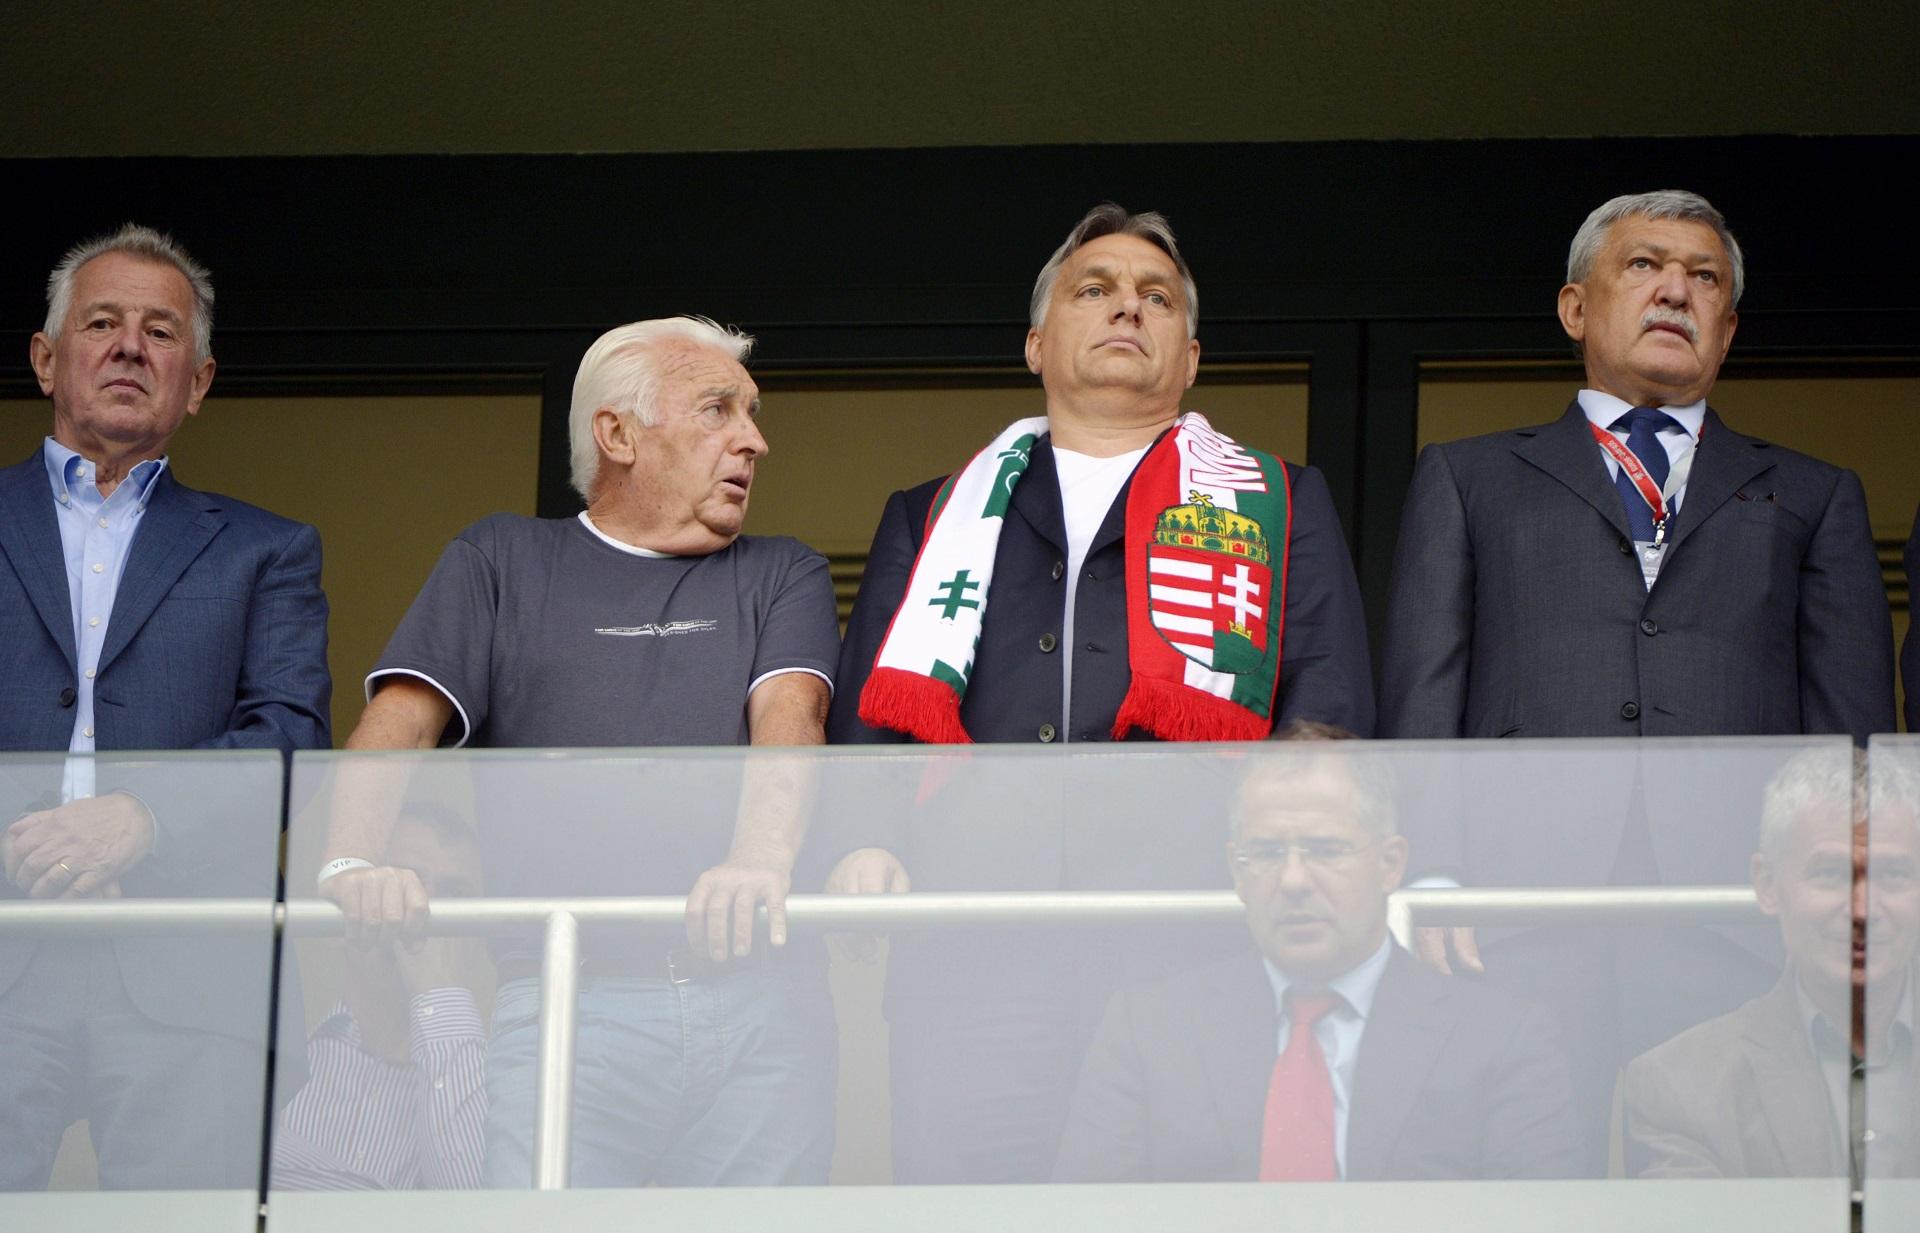 19 milliárdot költ magyar fociközvetítésre az MTVA